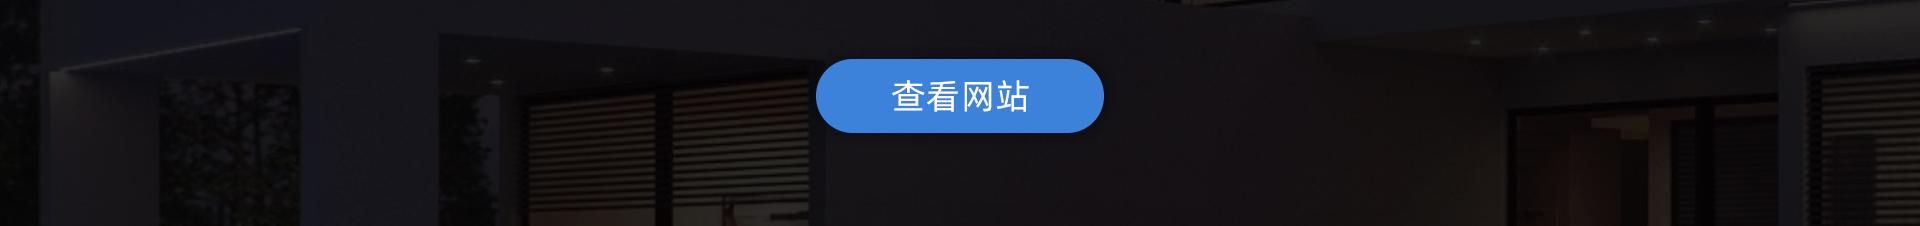 徐龙歌-徐龙歌1_02